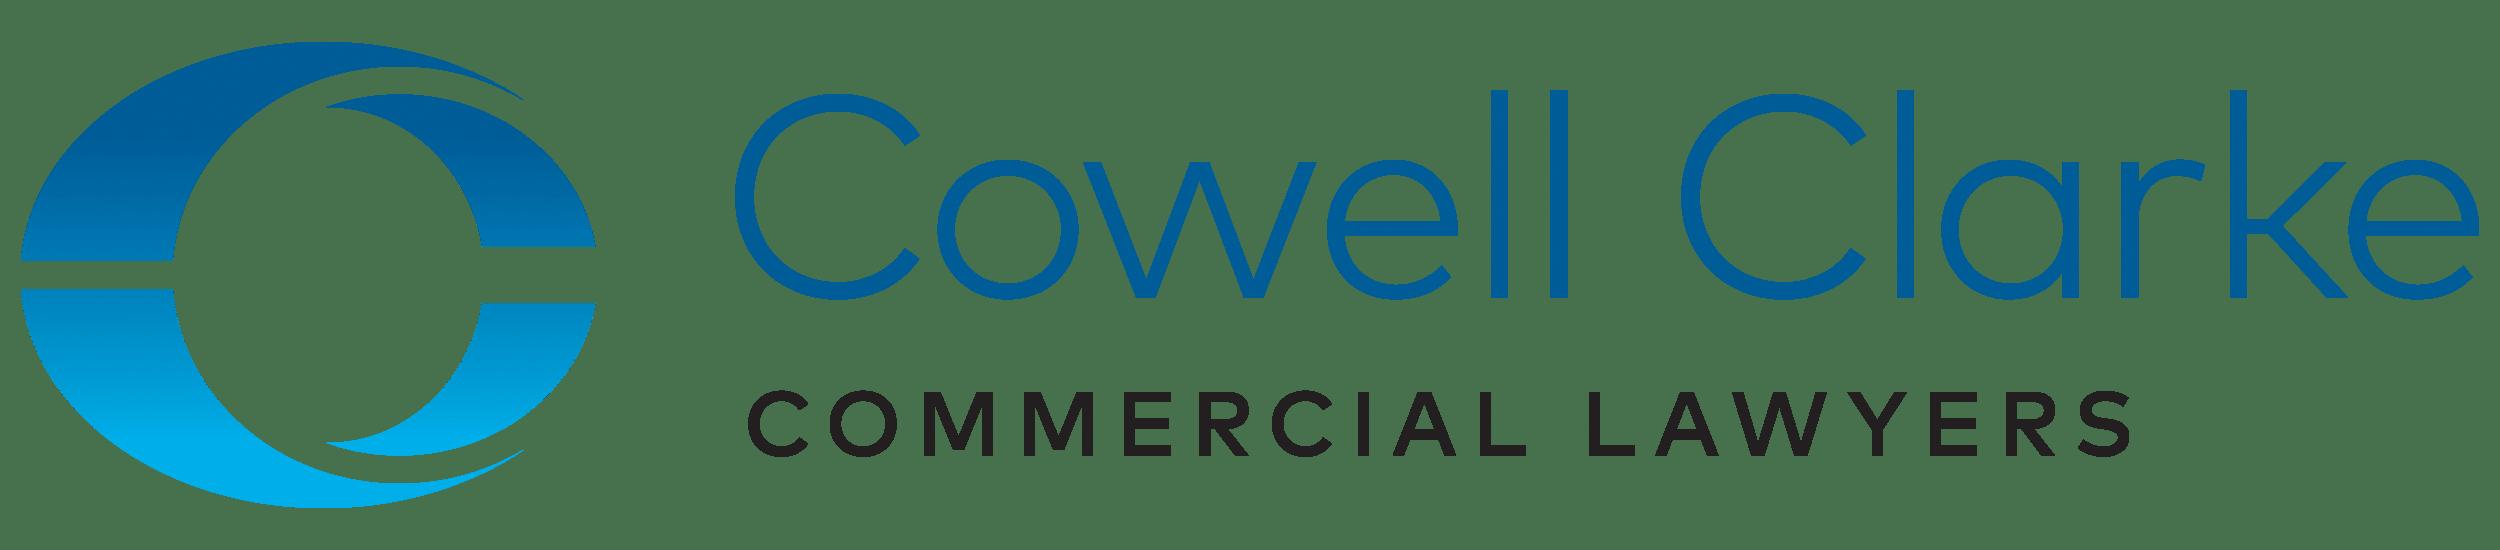 Cowell Clarke Lawyers